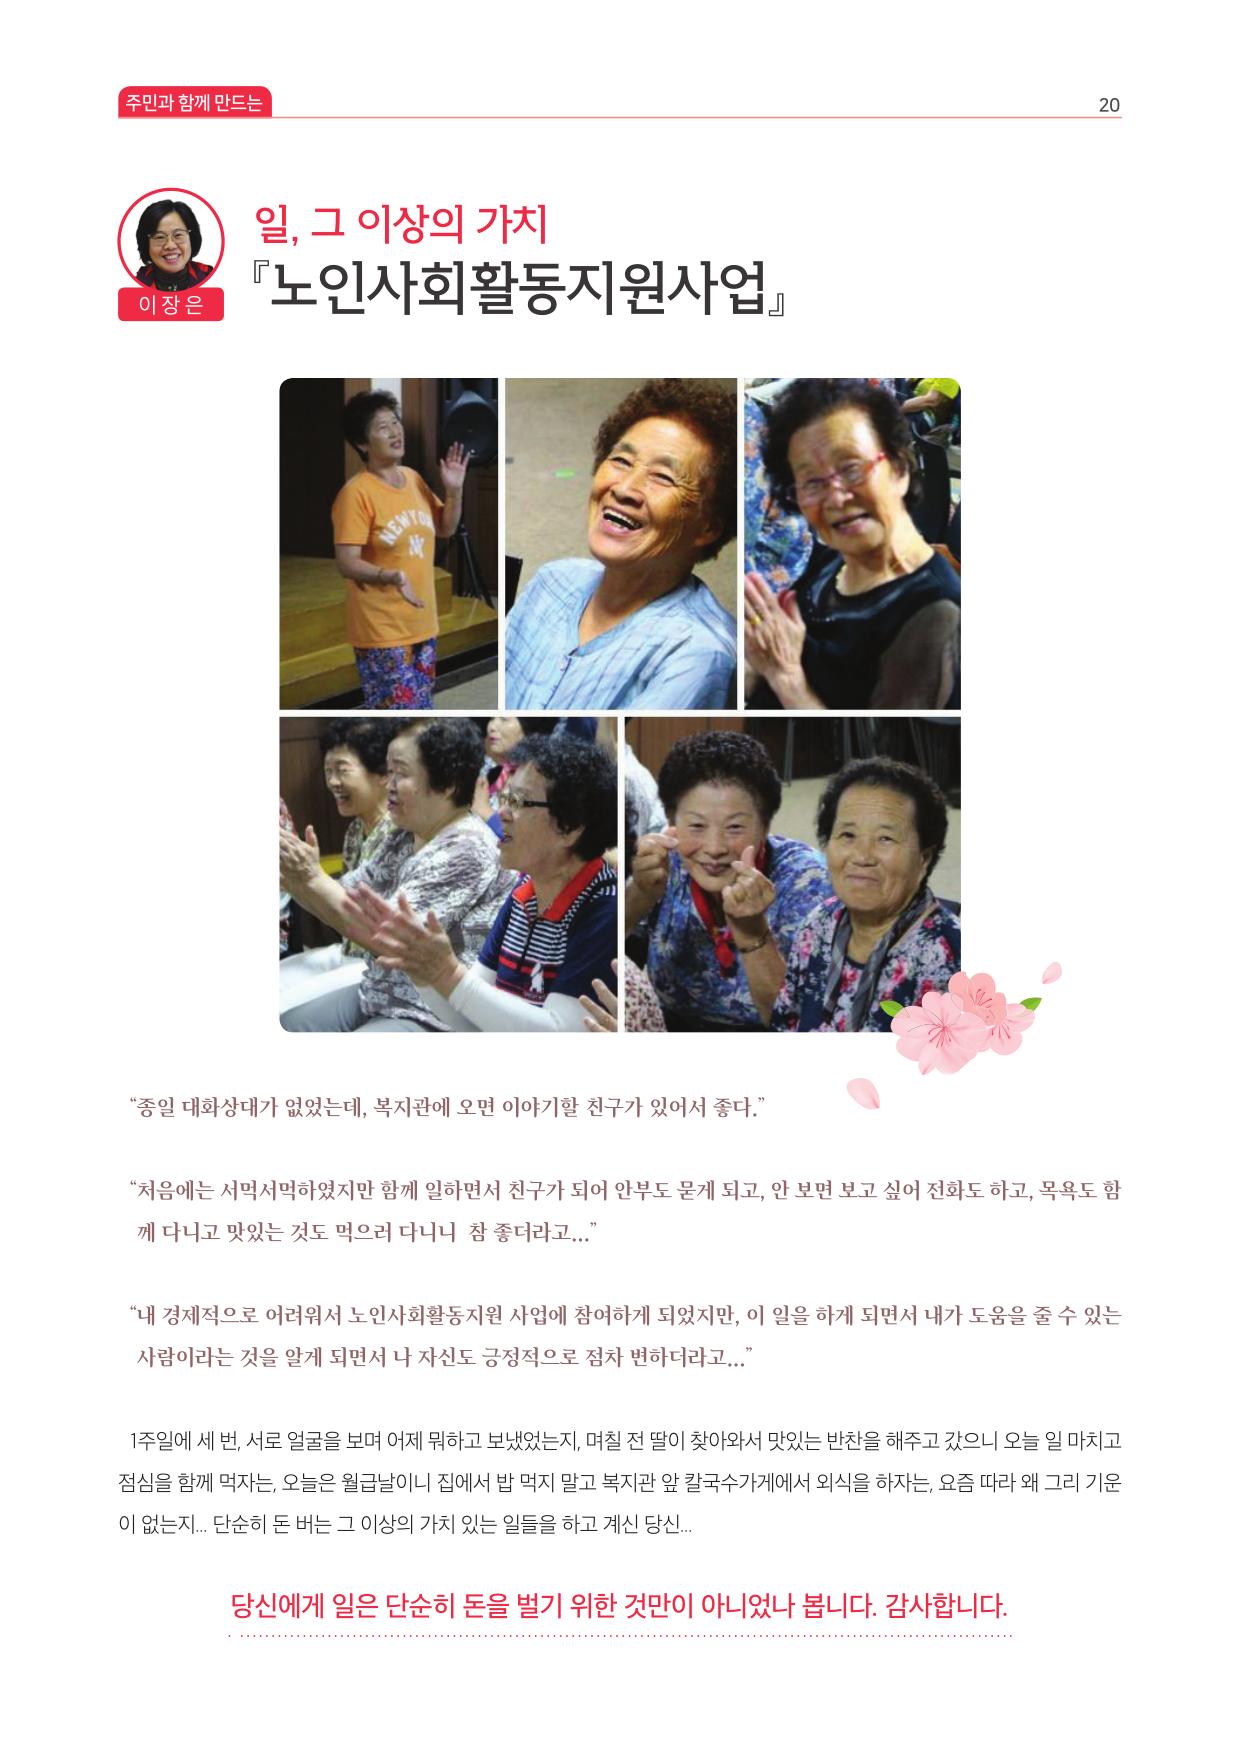 반송종합사회복지관연간소식지(2017)-20.jpg